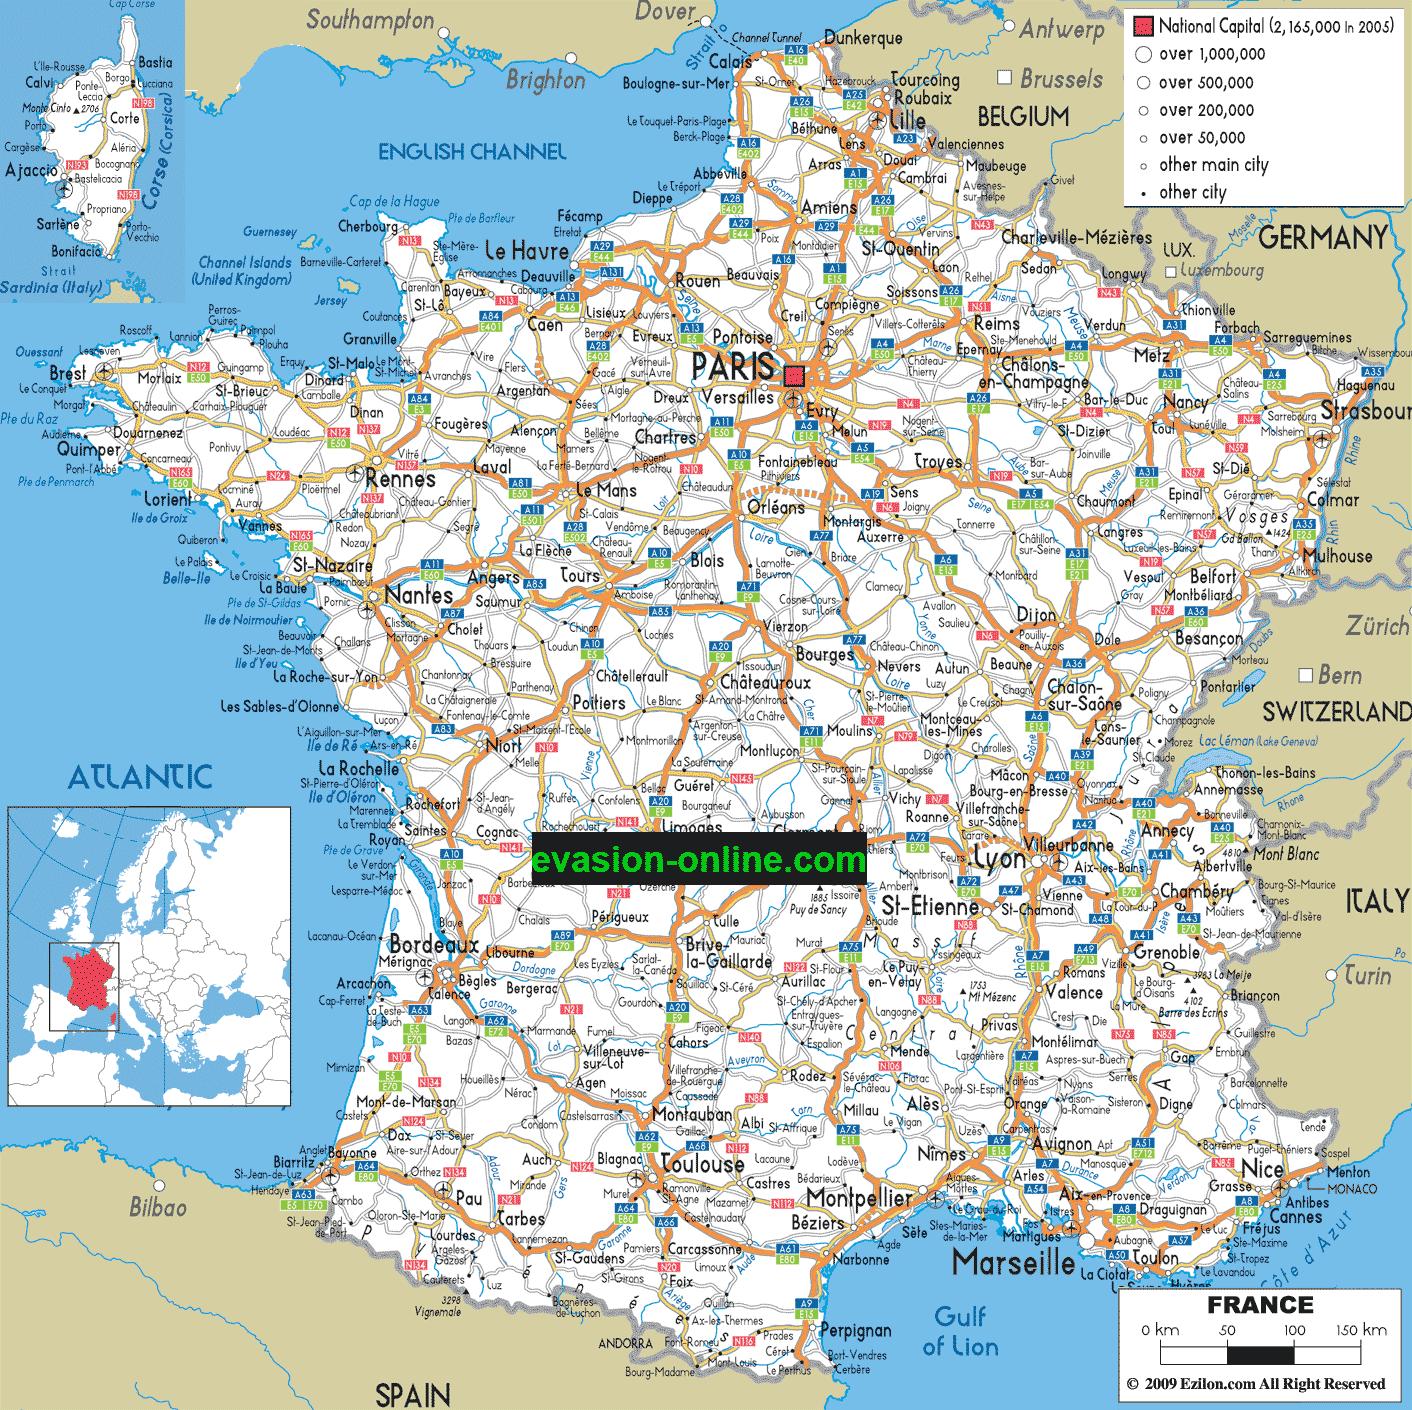 carte de france detaillée Carte de France détaillée » Vacances   Arts  Guides Voyages